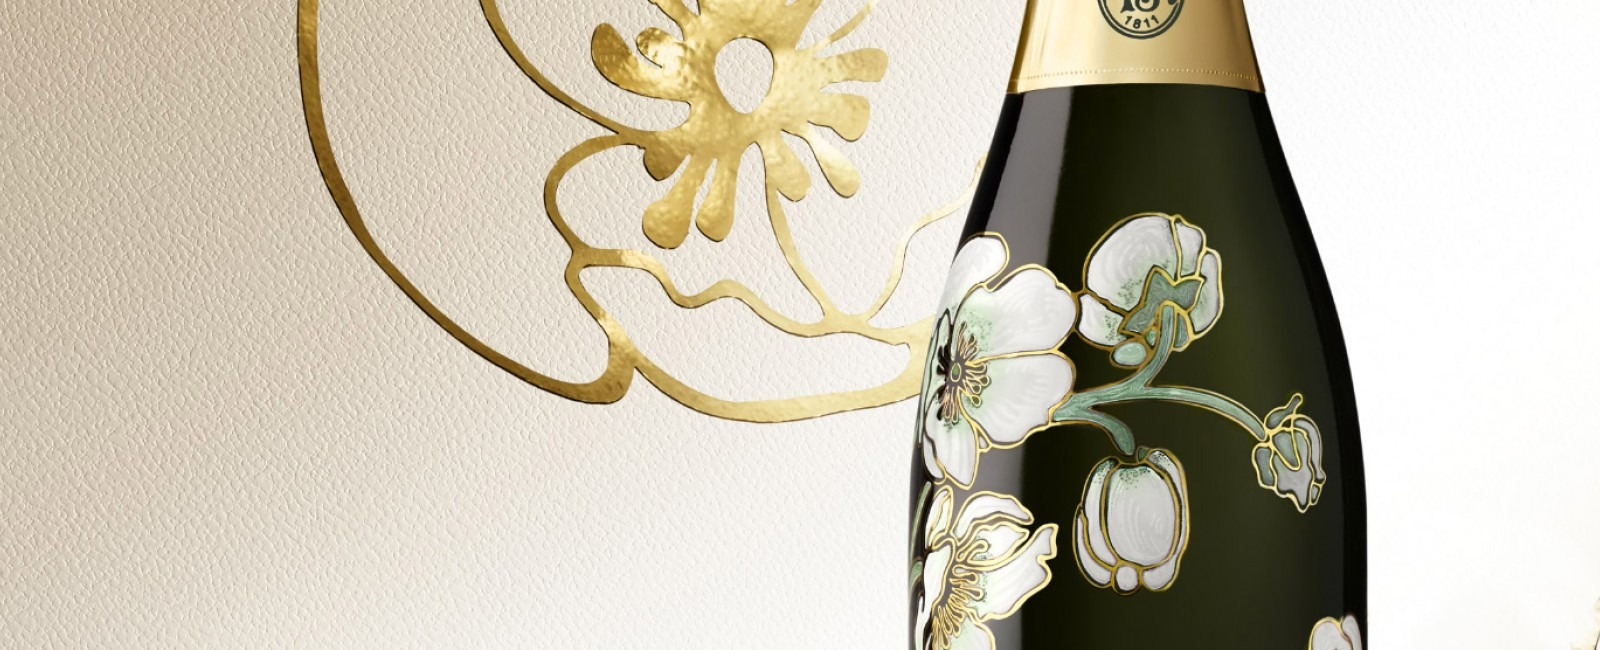 Colección de champagne